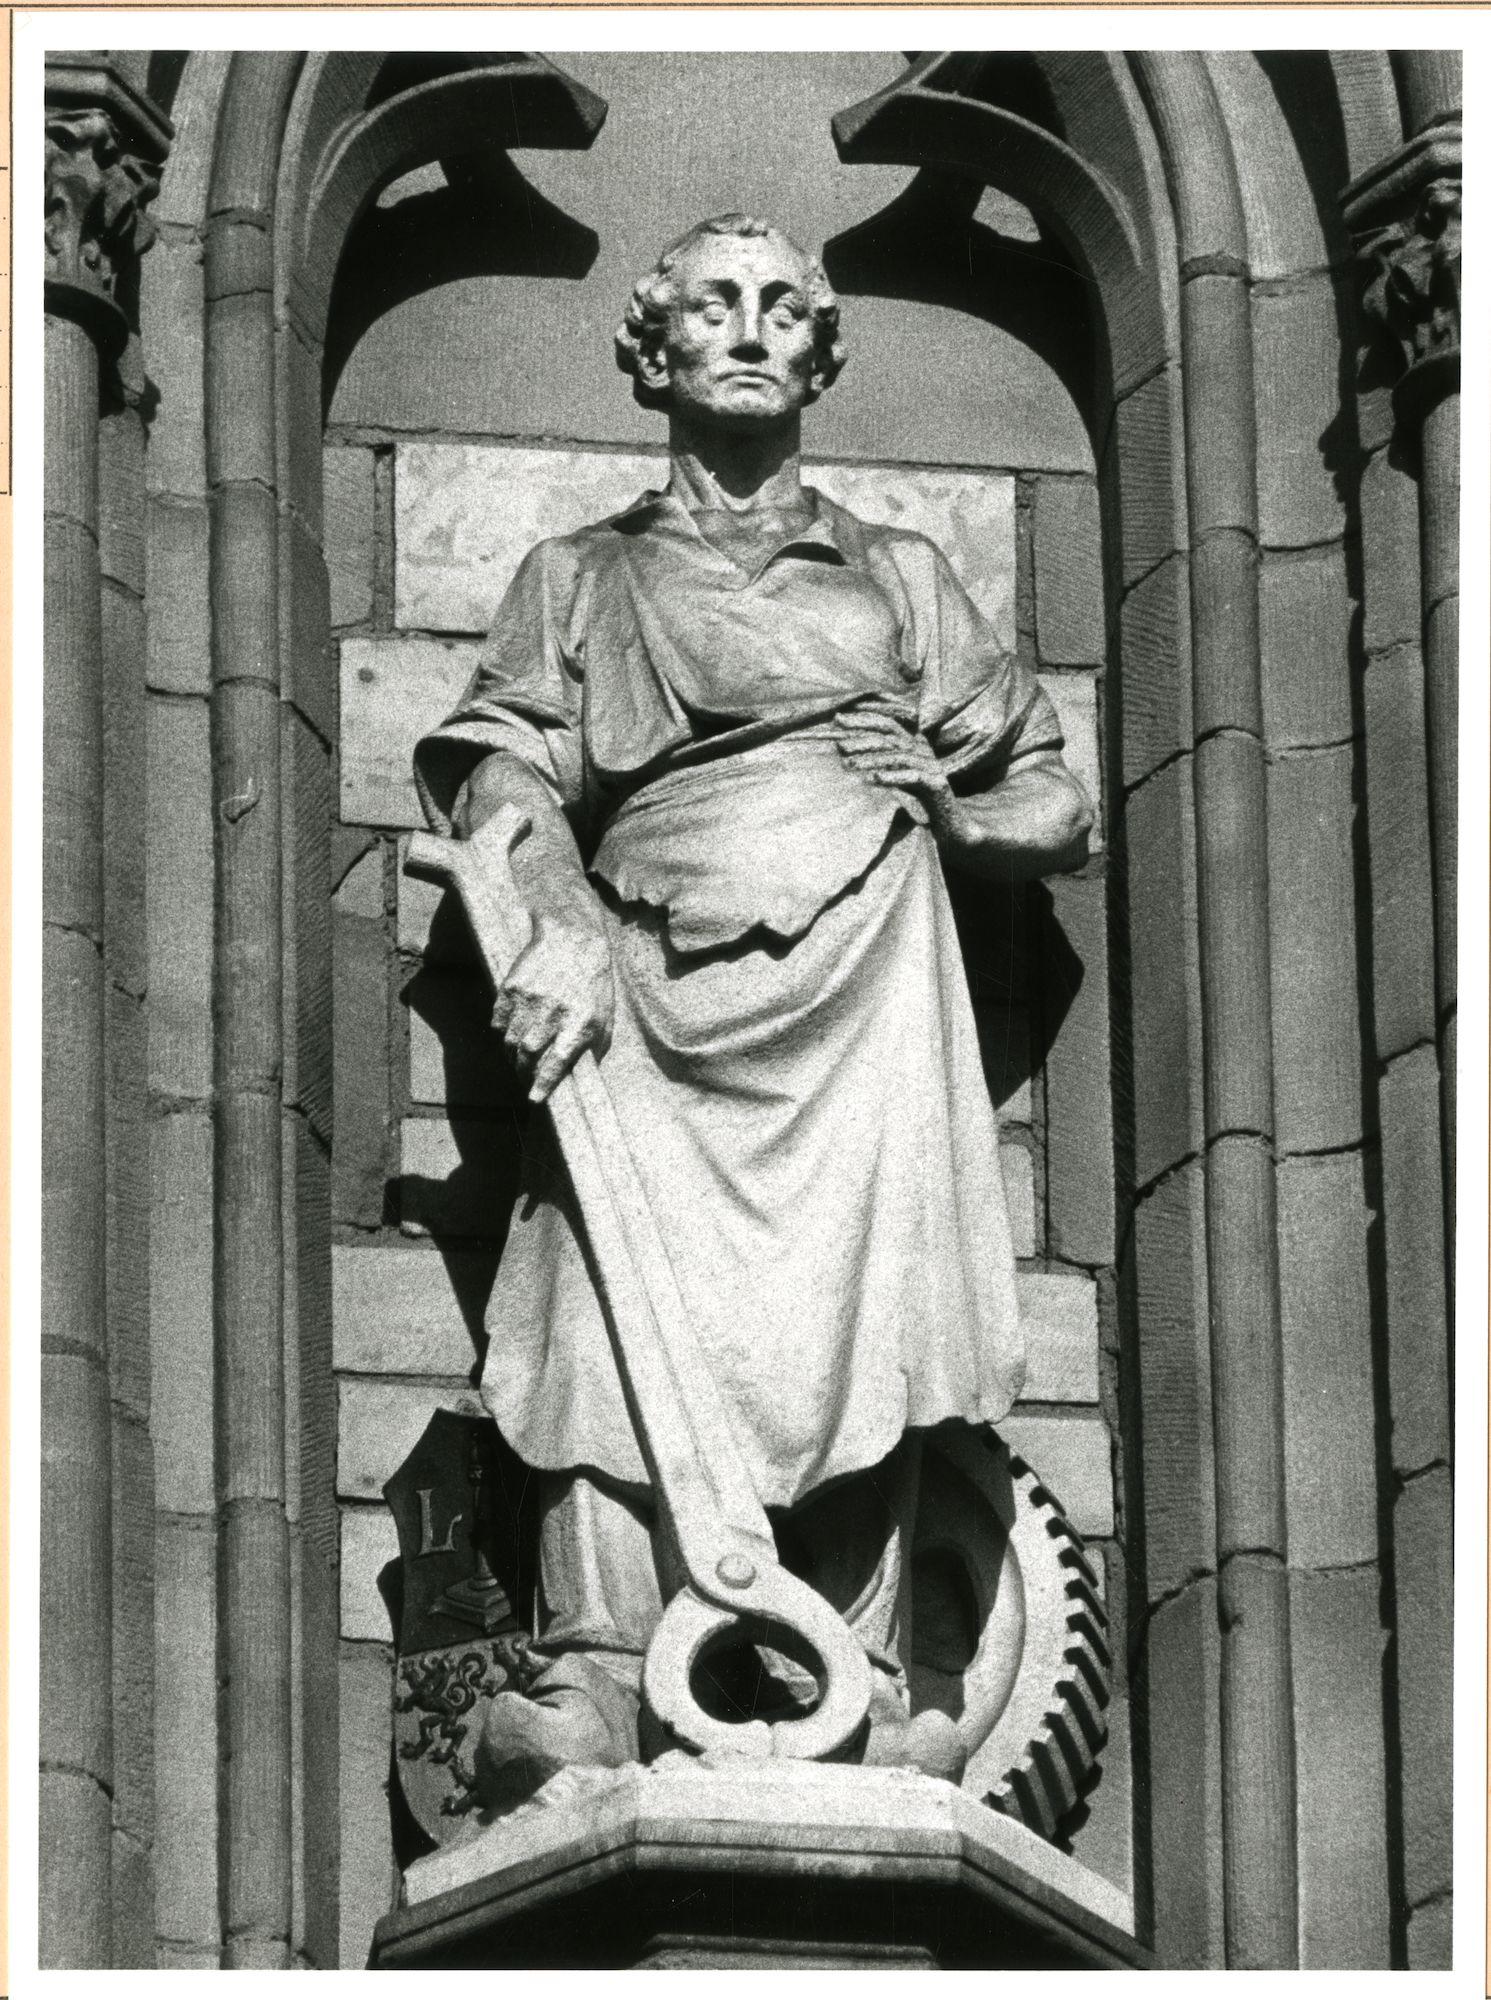 Gent: Korenmarkt: Gevelbeeld, 1981